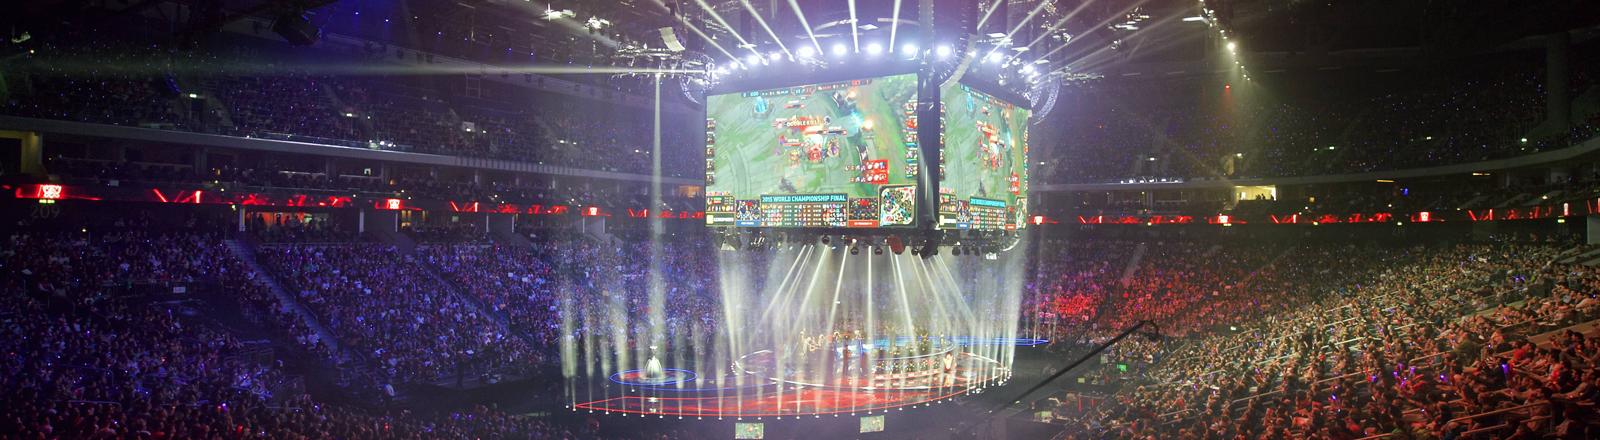 ESports Berlin 31.10.2015, Mercedes-Benz-Arena: LoL League of Legends by Riot Games Finals 2015